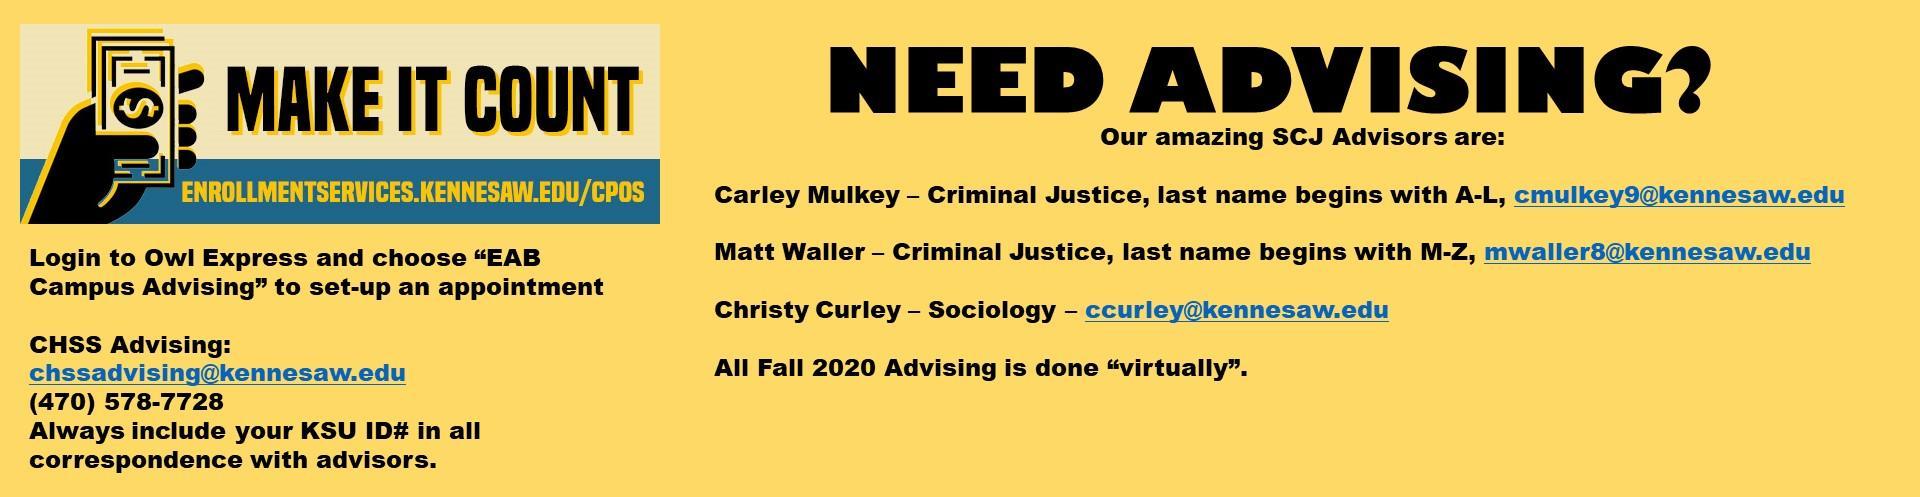 Need Advising?